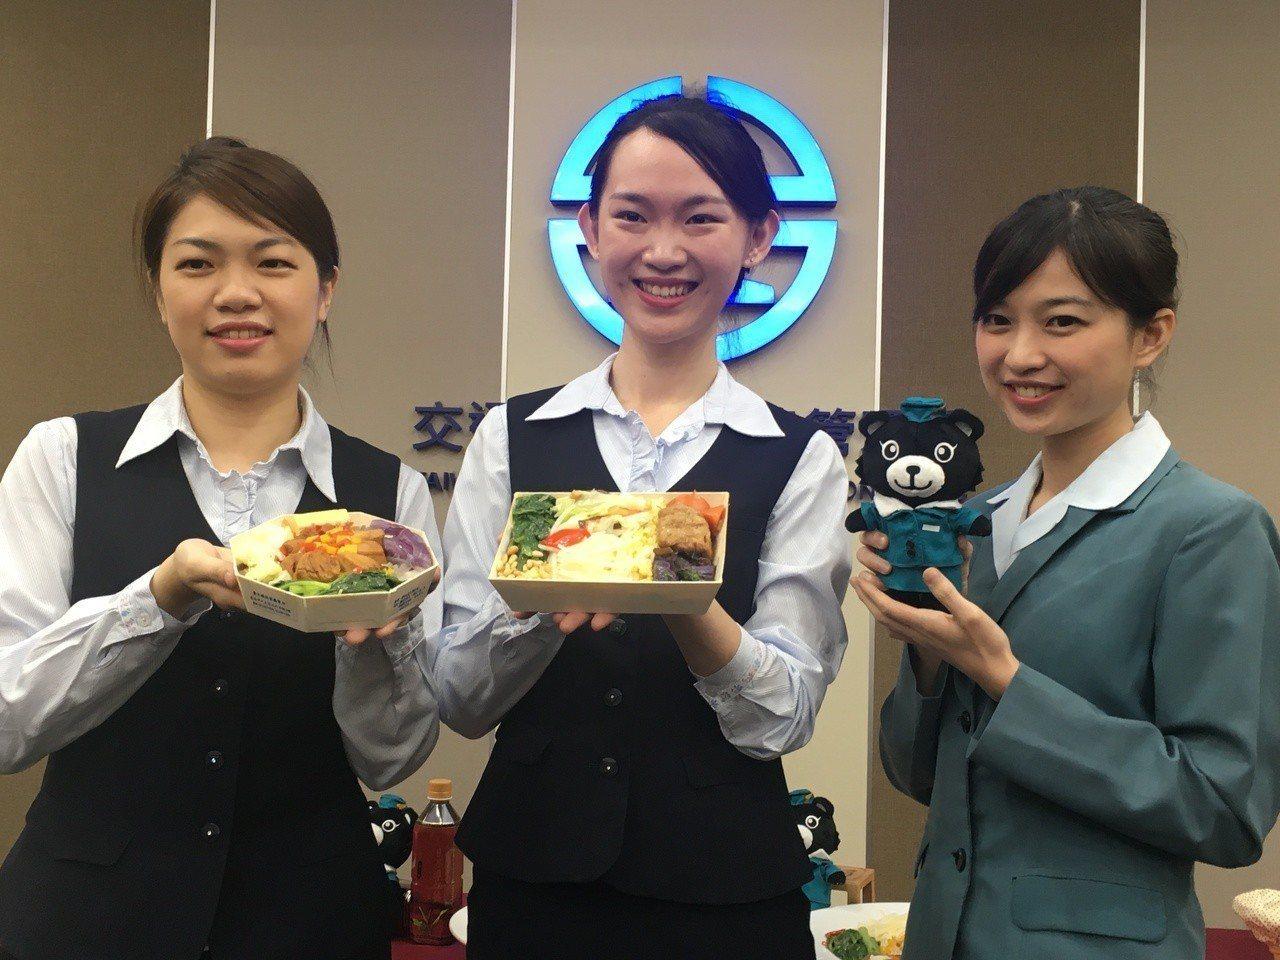 台鐵推出兩款銀髮族便當及餐旅熊絨毛娃娃「漢娜將」。記者吳姿賢/攝影